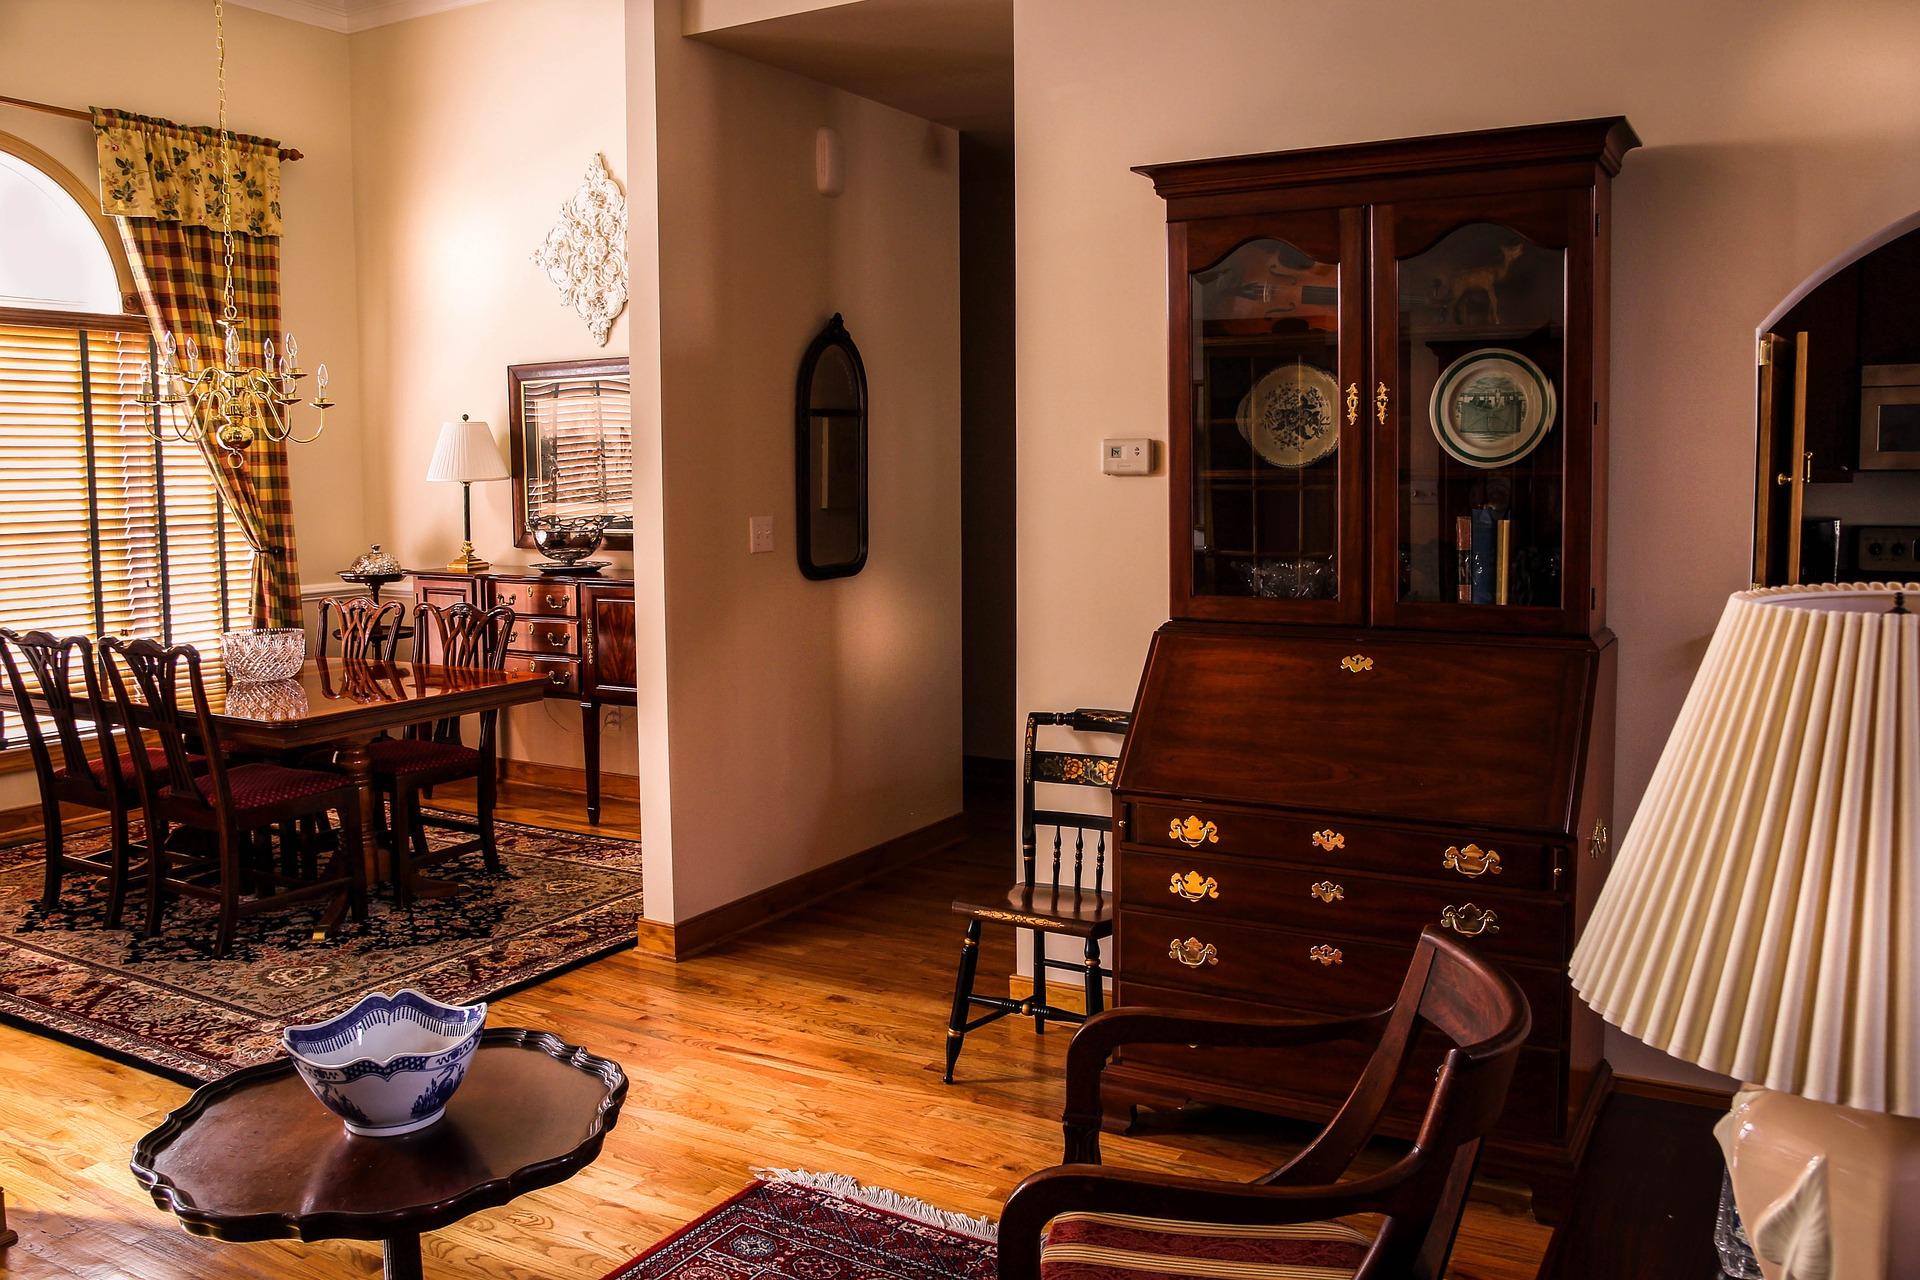 dining-room-670242_1920